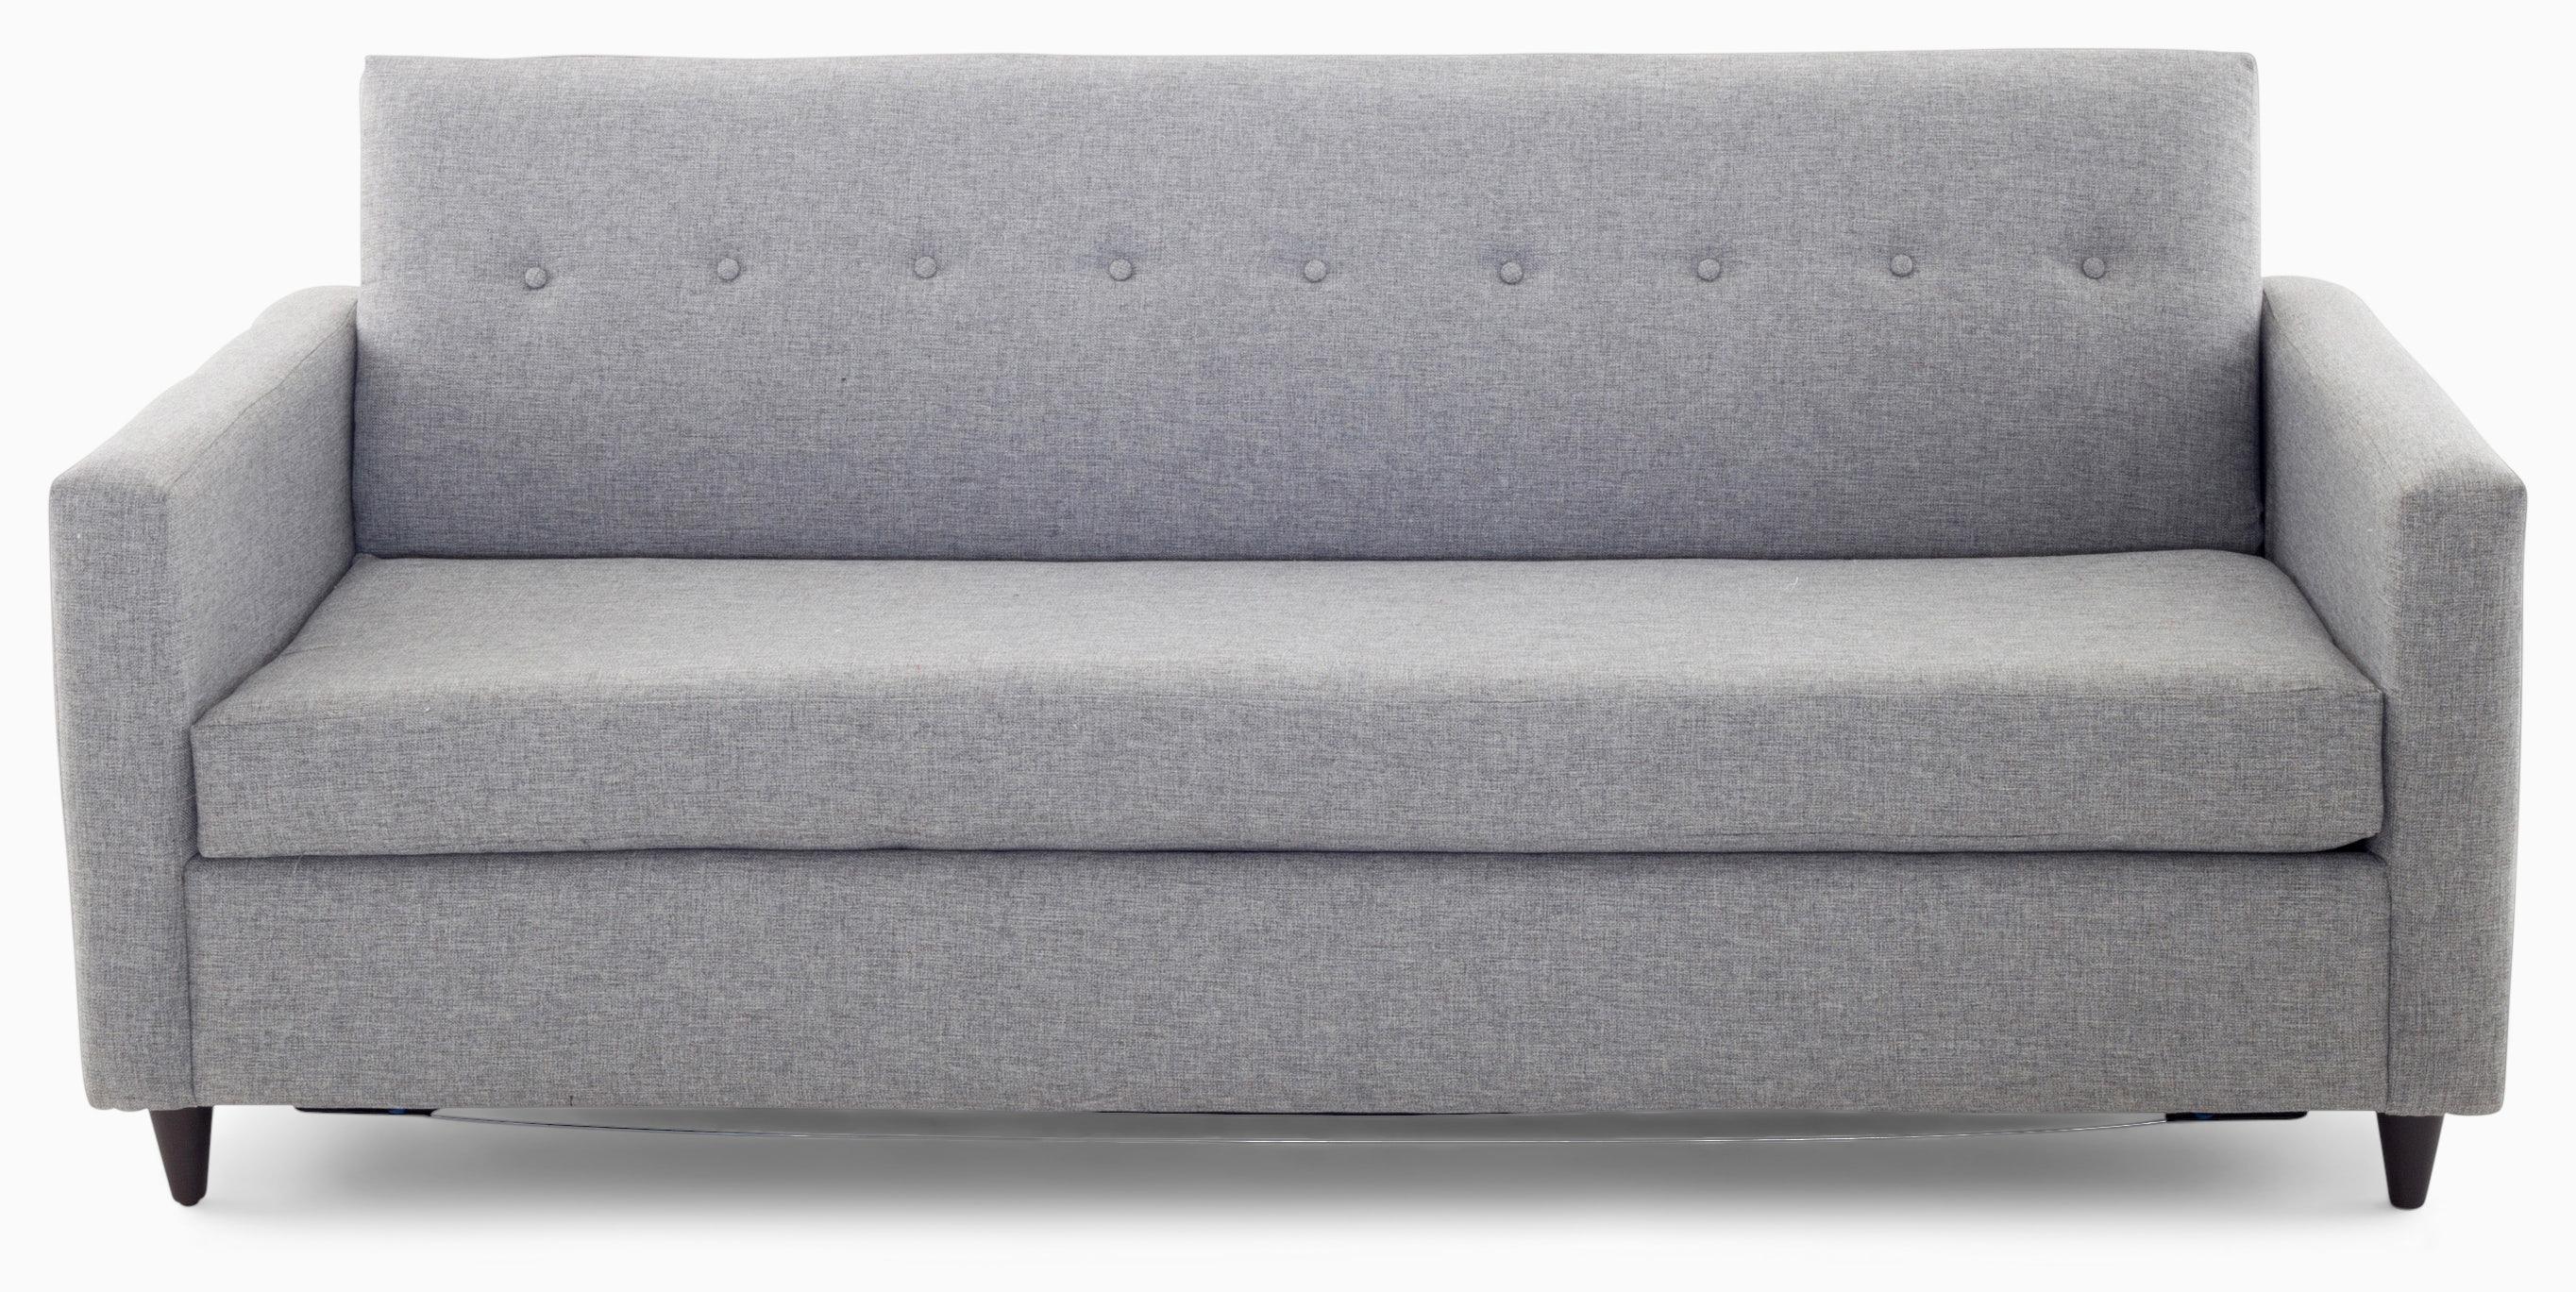 korver sleeper sofa taylor felt grey